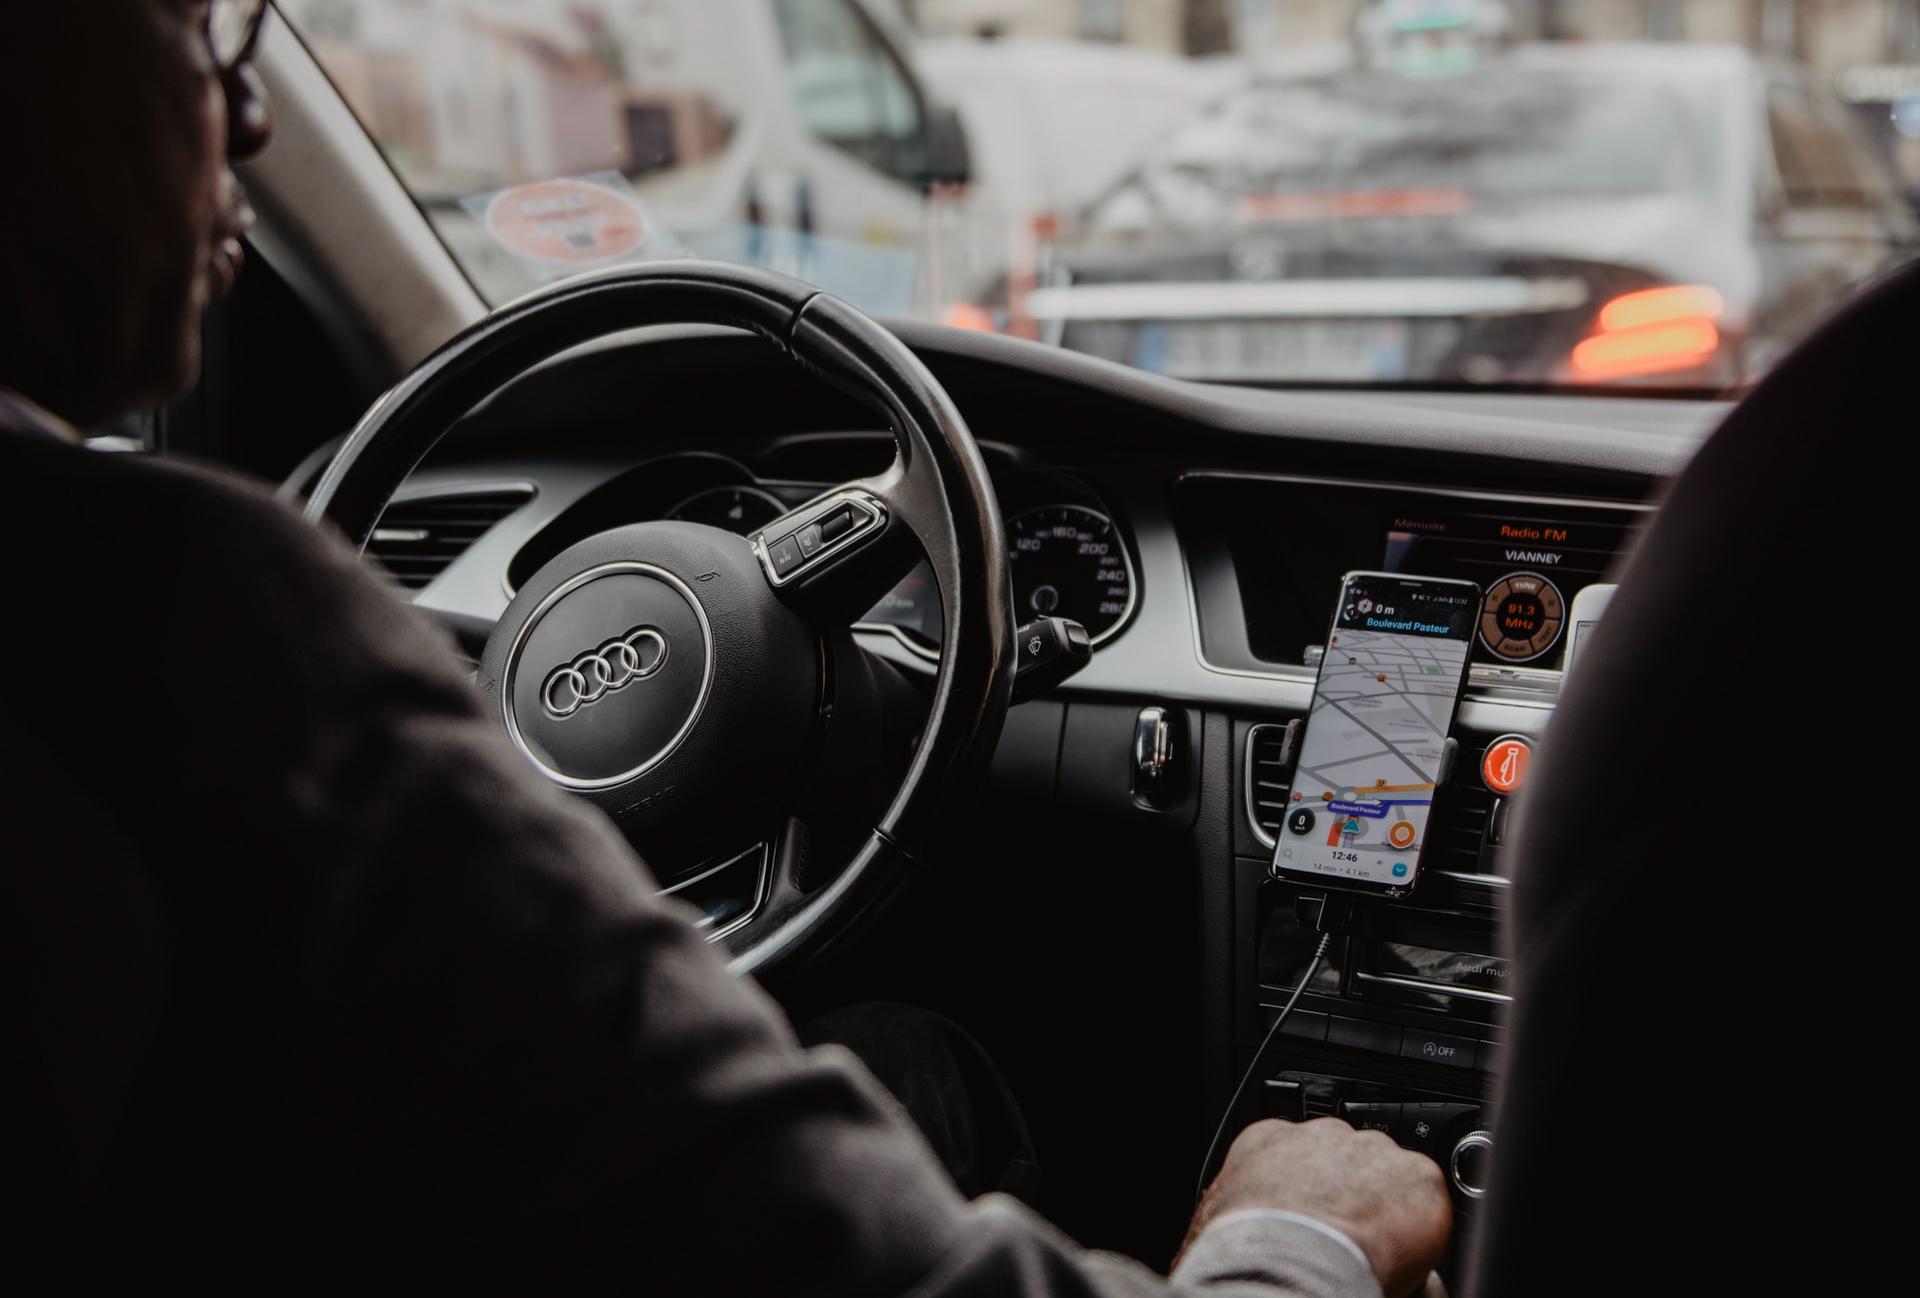 Débat taxis-LVC: Pour une réforme équilibrée dans l'intérêt des clients et de la mobilité à Bruxelles